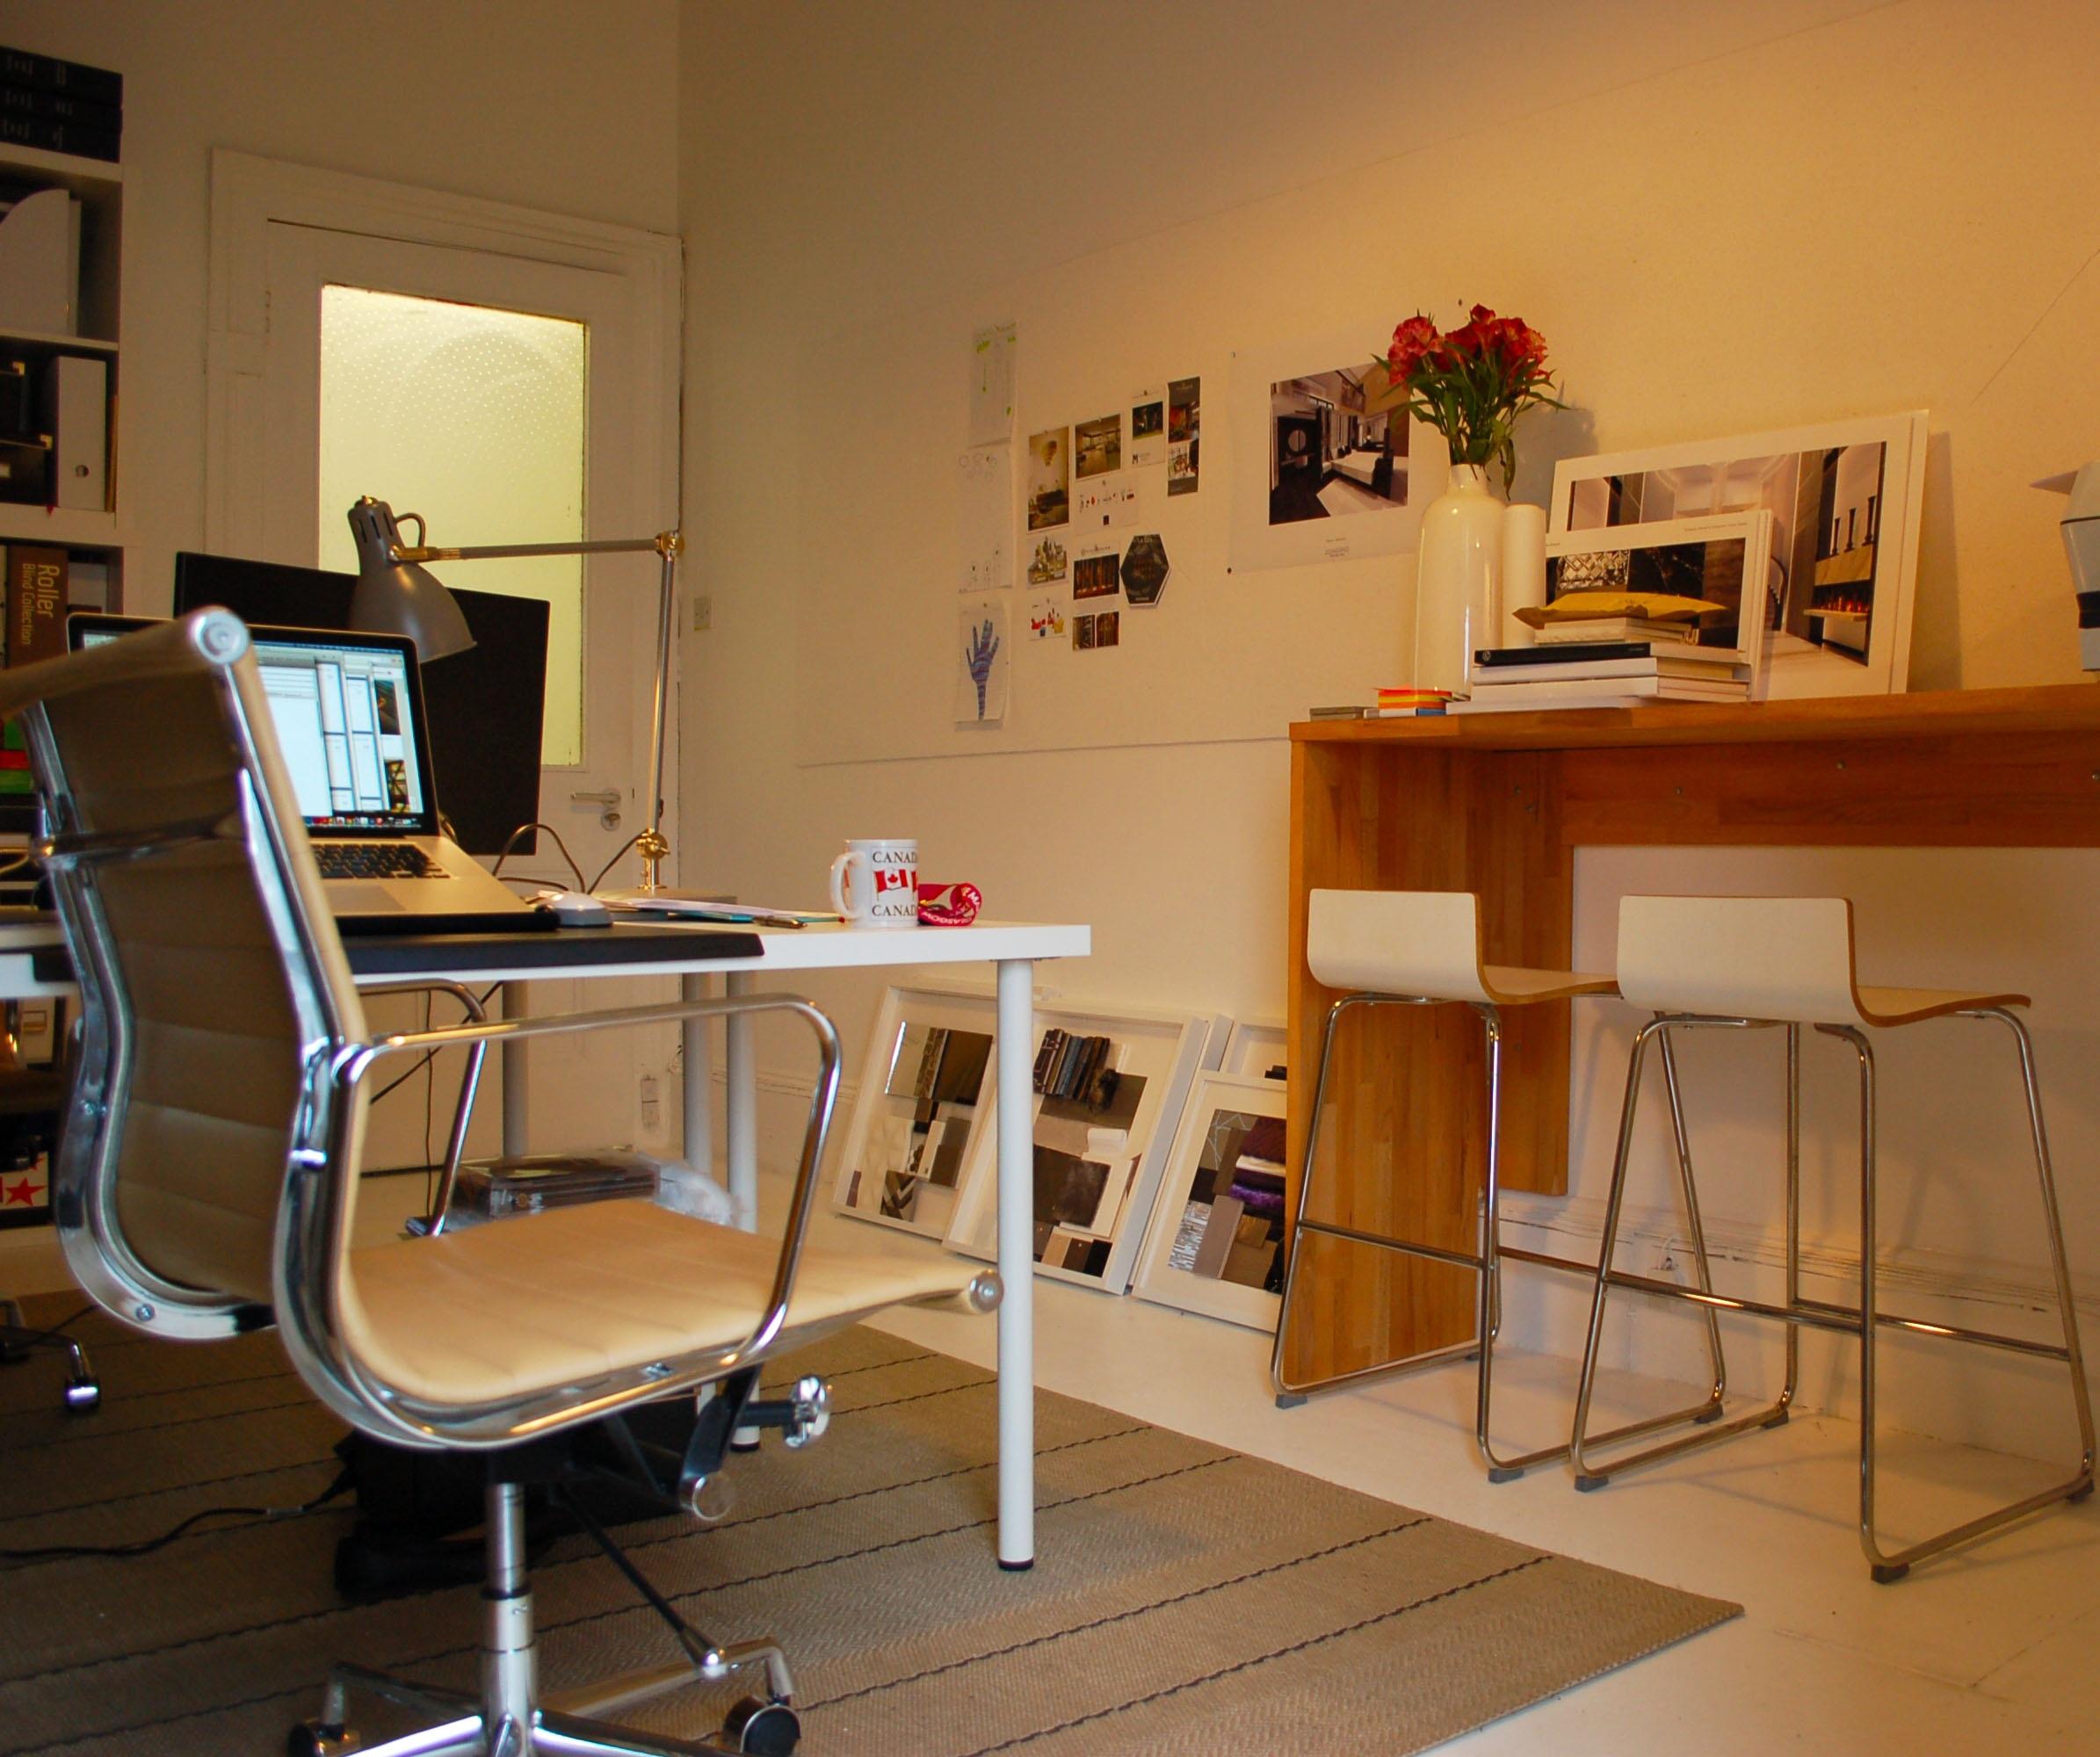 Bureau Informatique Petit Espace images gratuites : portable, ordinateur, table, créatif, la